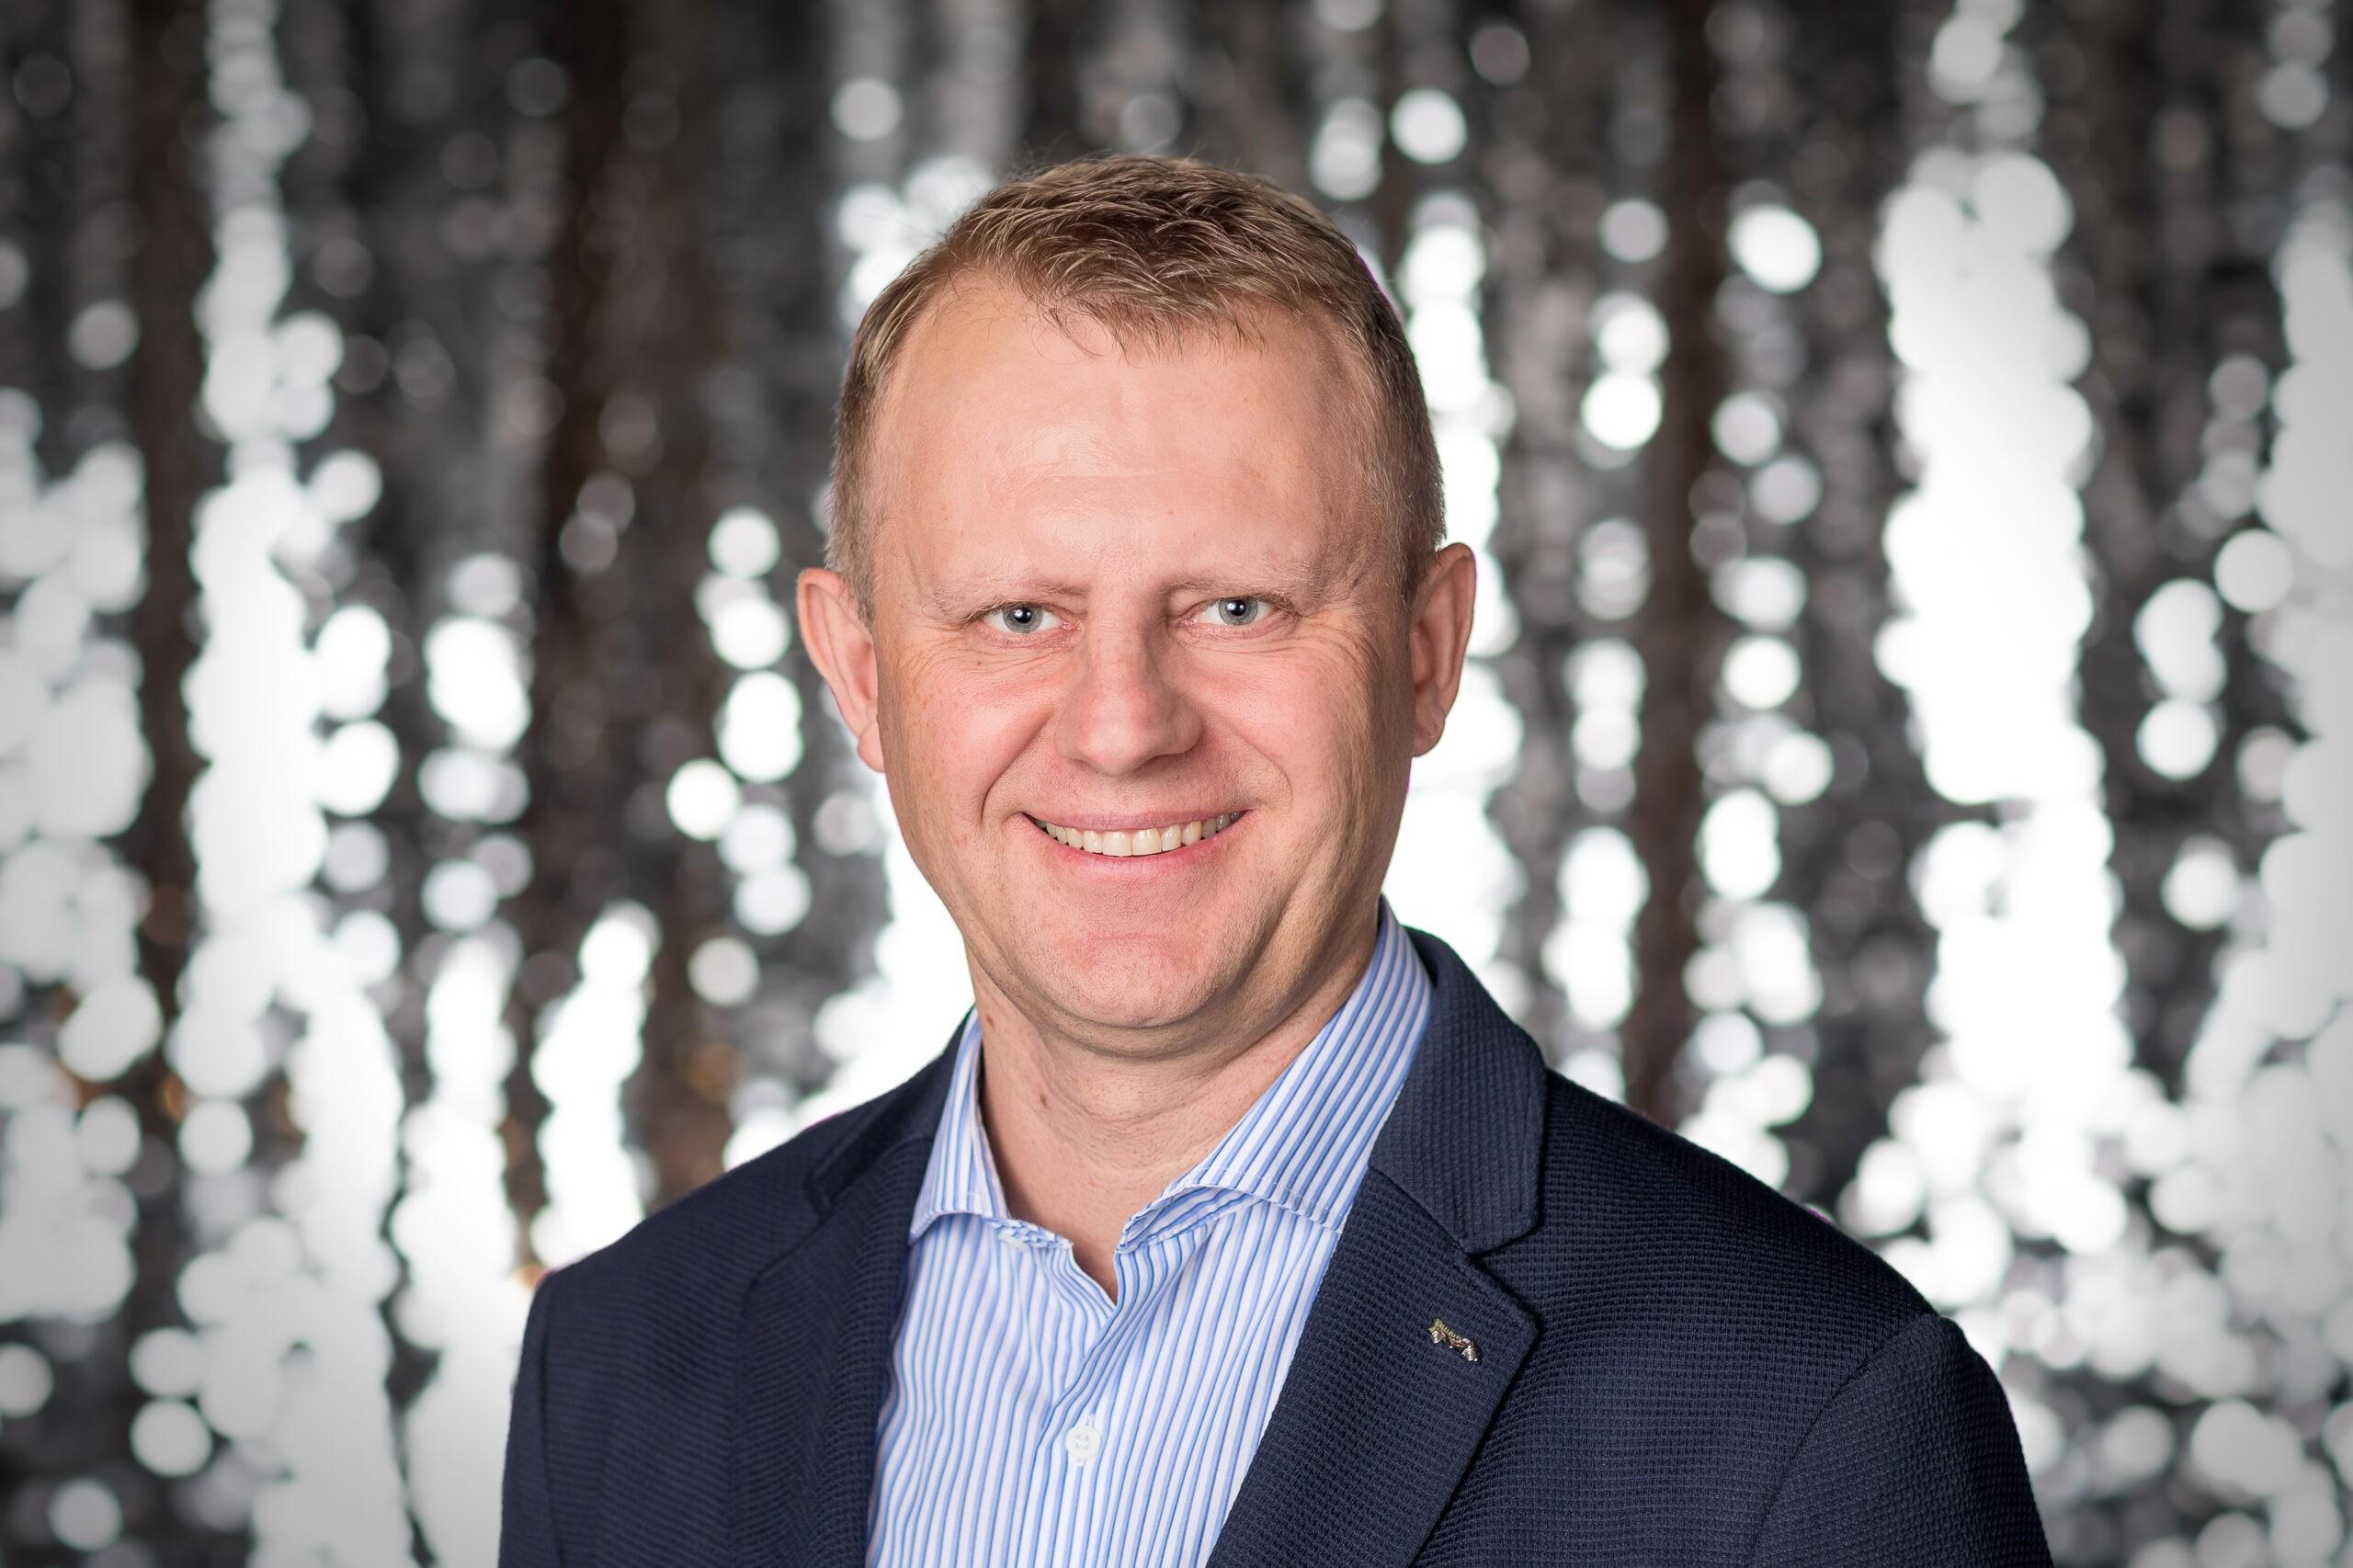 äriplaani koostamine, Kristo Krumm, edukas ettevõtja, ettevõtluskoolitus, äriplaani näidis